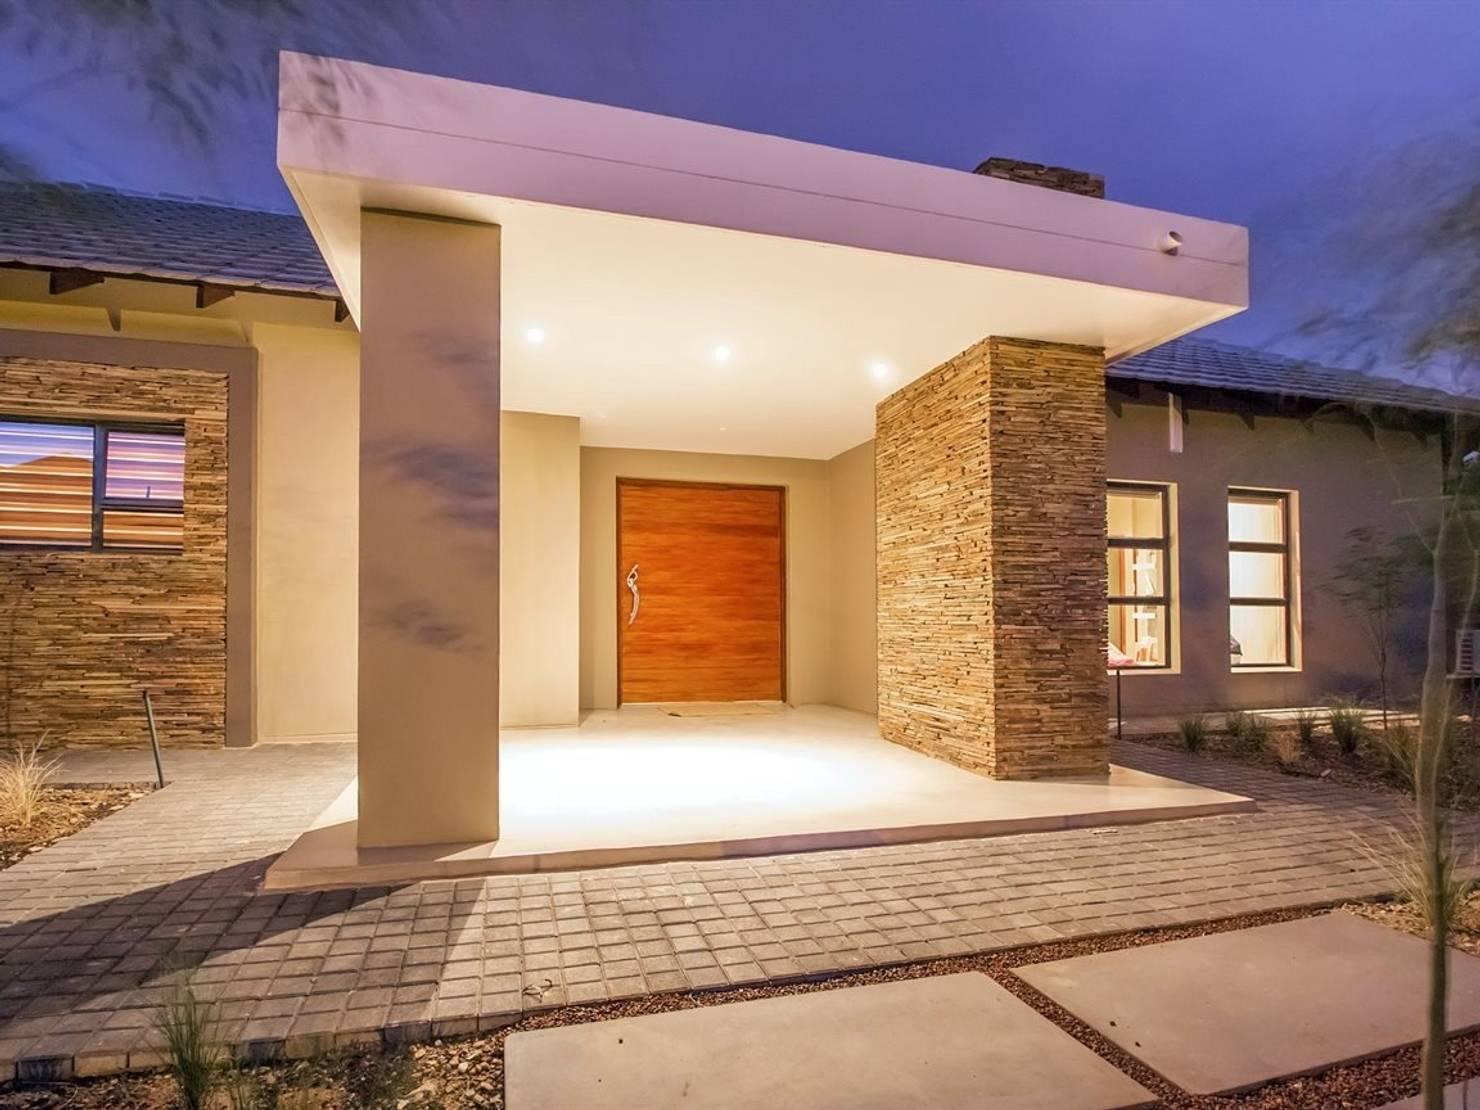 Una casa con una entrada impresionante y un interior lleno de ideas